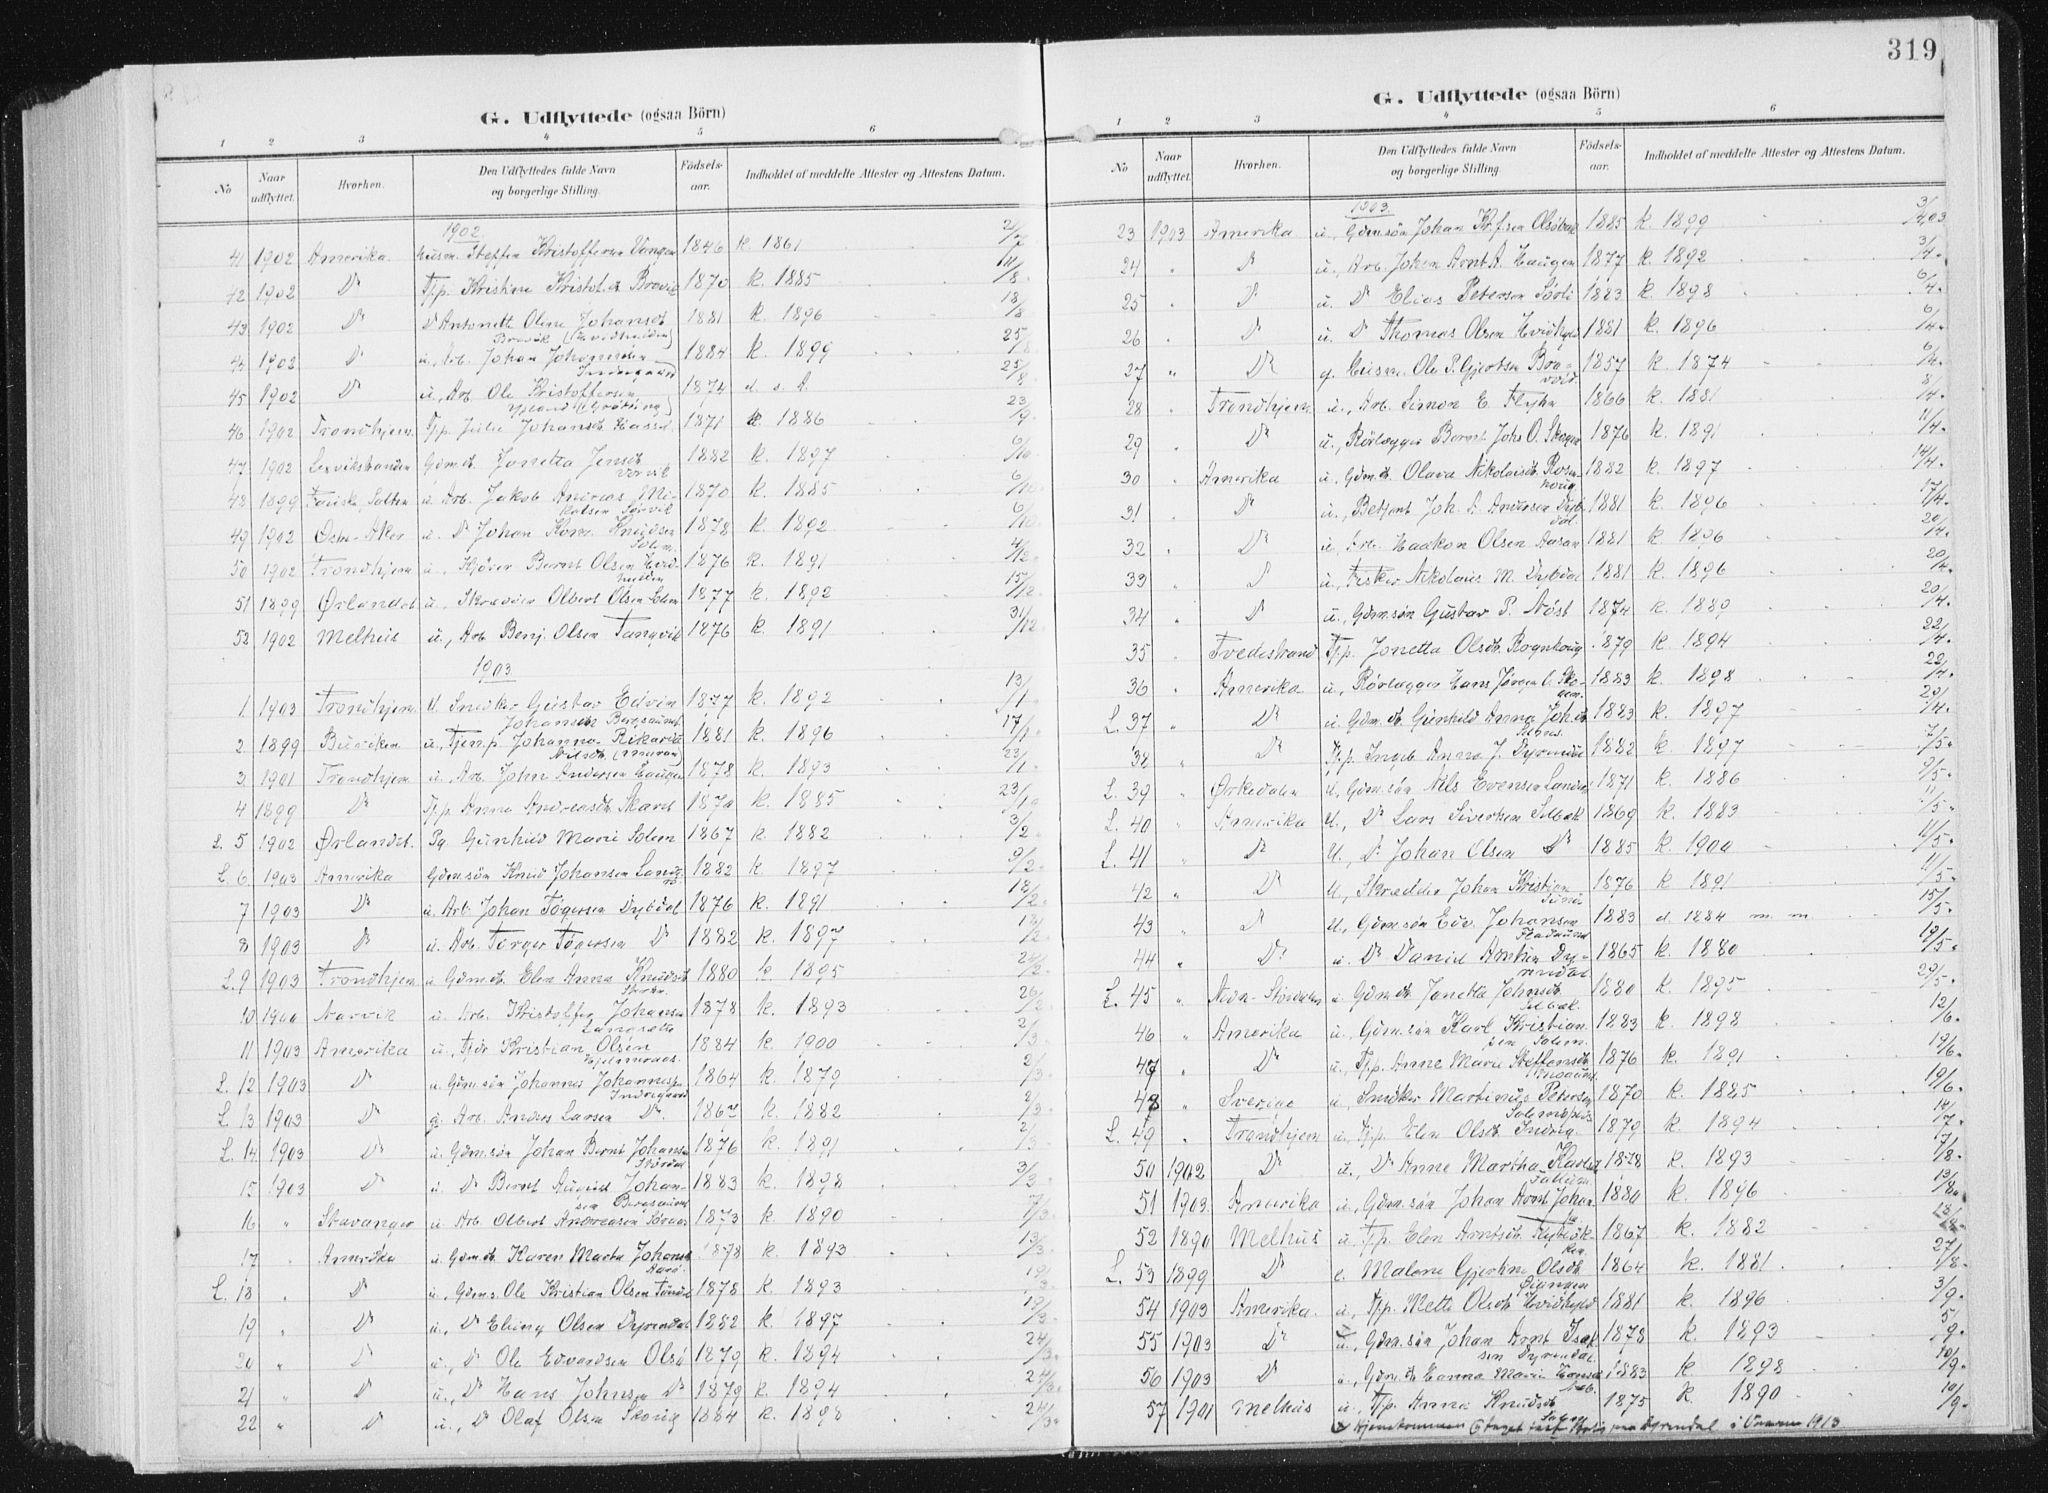 SAT, Ministerialprotokoller, klokkerbøker og fødselsregistre - Sør-Trøndelag, 647/L0635: Ministerialbok nr. 647A02, 1896-1911, s. 319